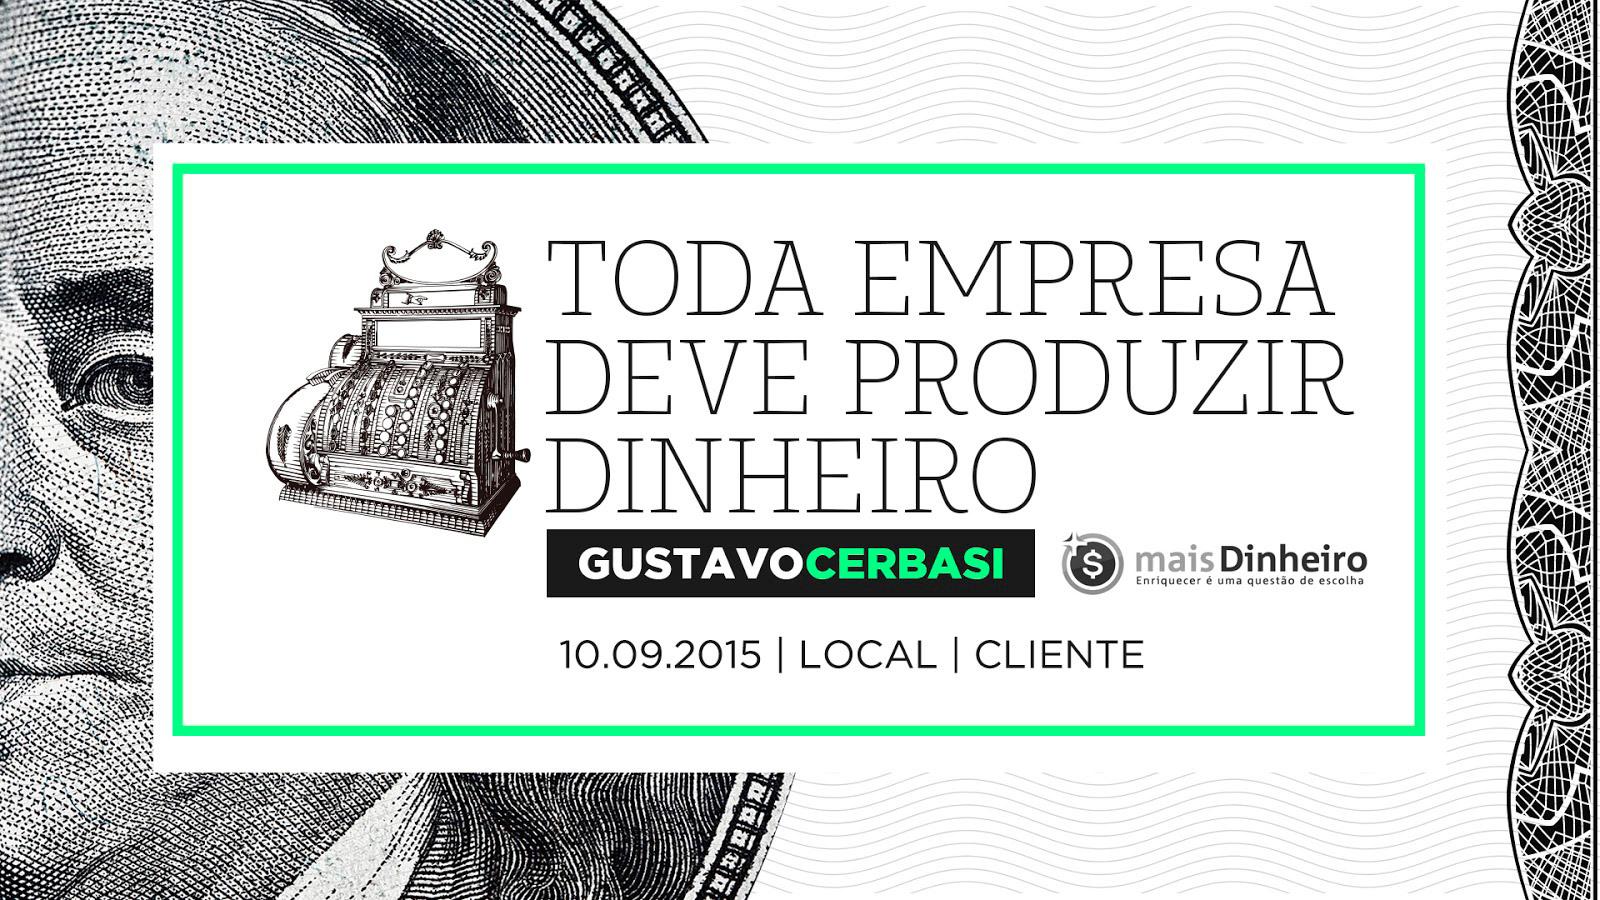 Toda empresa deve produzir dinheiro - Gustavo Cerbasi - Onigrama Apresentações